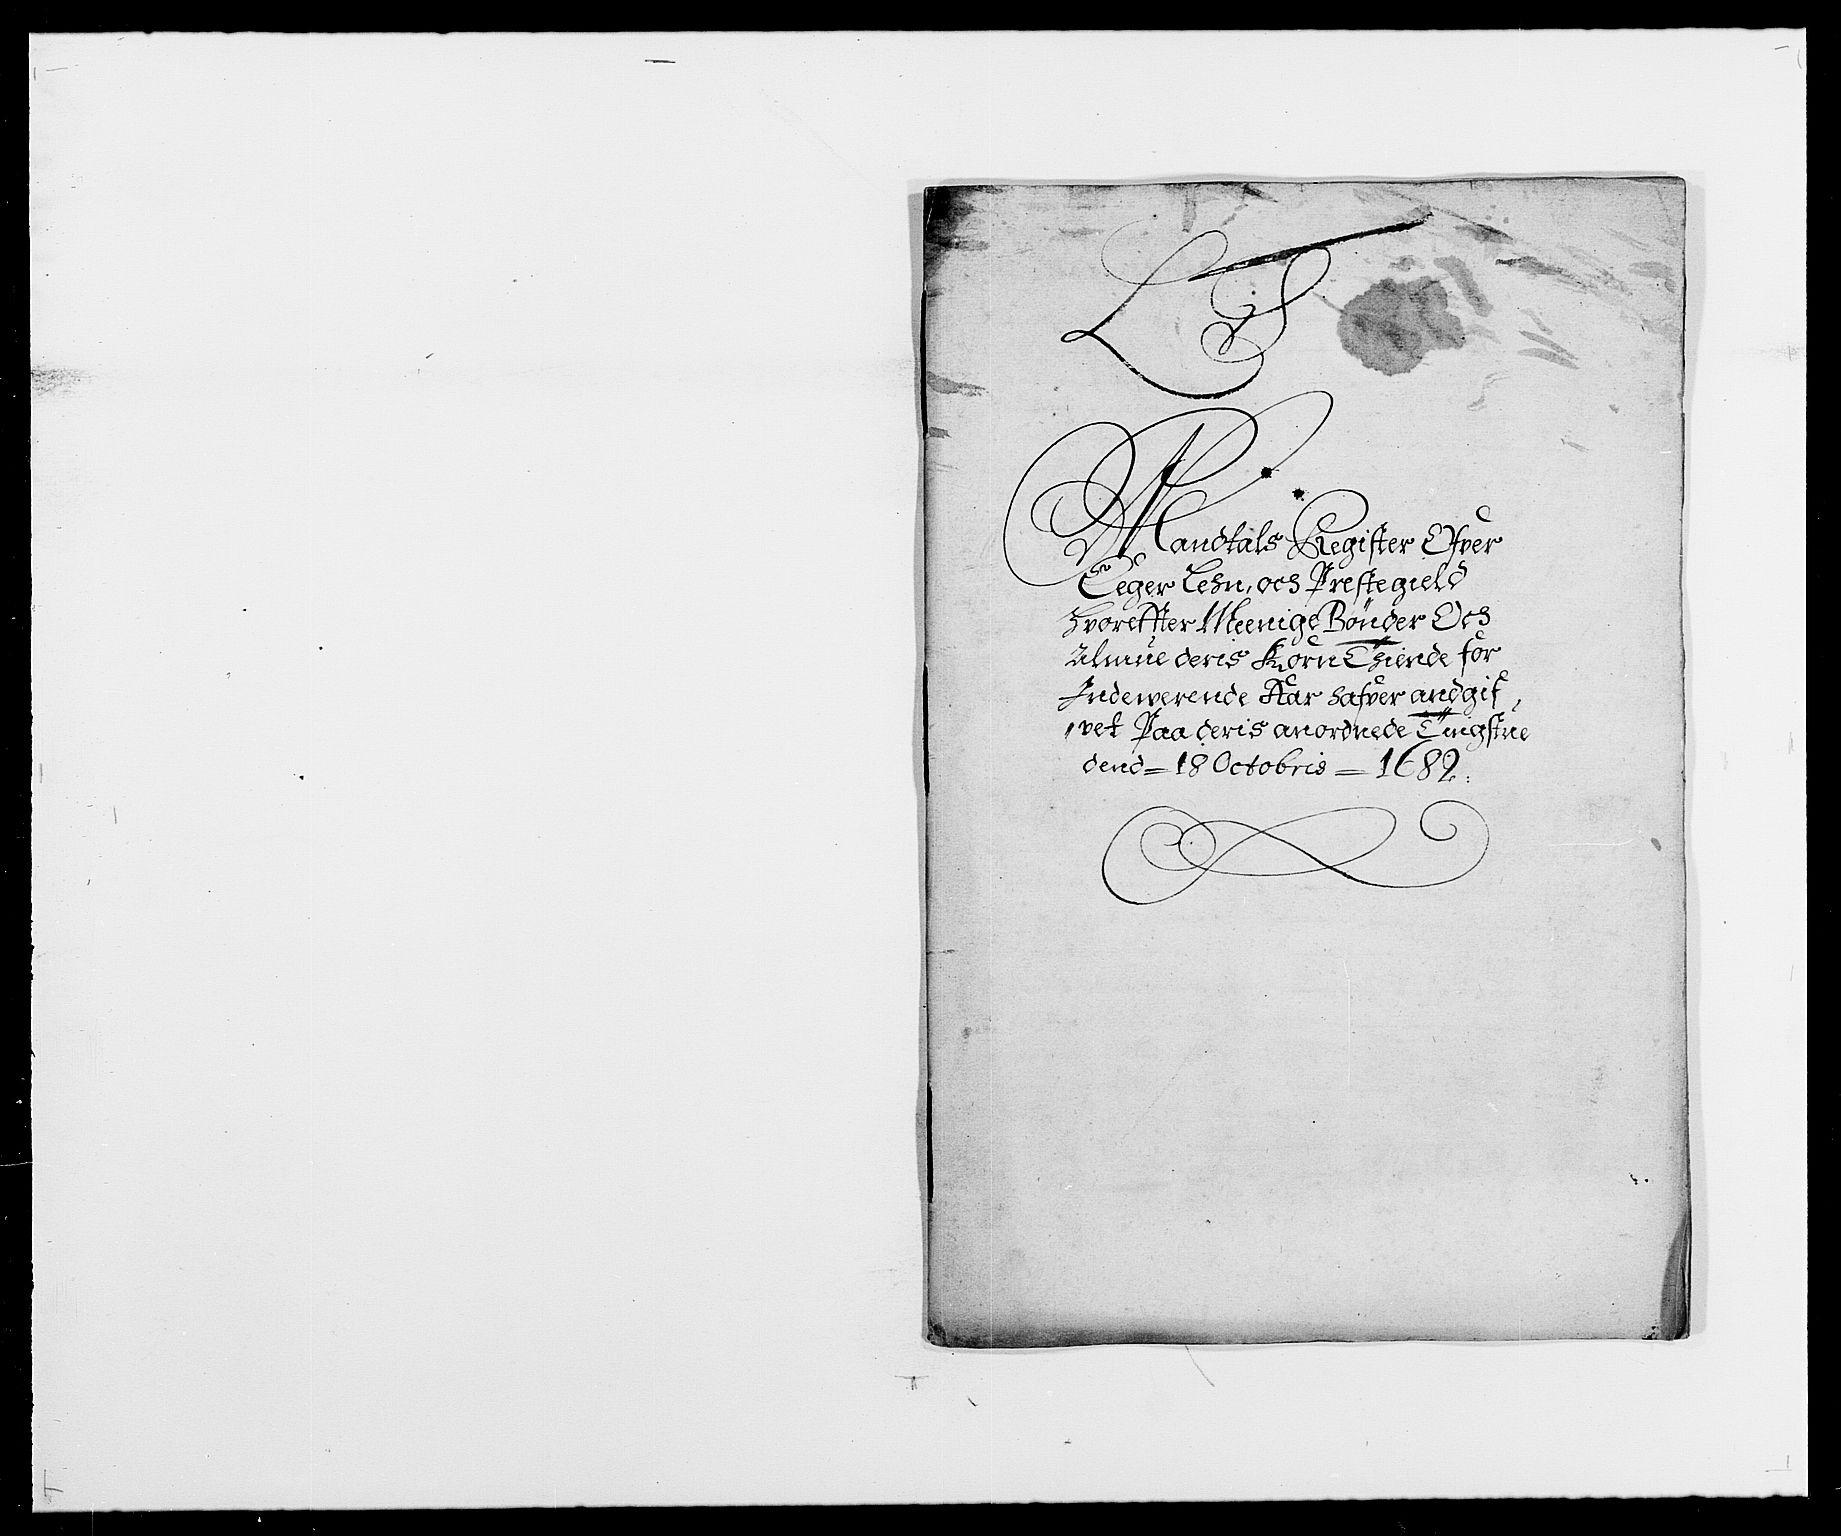 RA, Rentekammeret inntil 1814, Reviderte regnskaper, Fogderegnskap, R26/L1684: Fogderegnskap Eiker, 1679-1686, s. 255